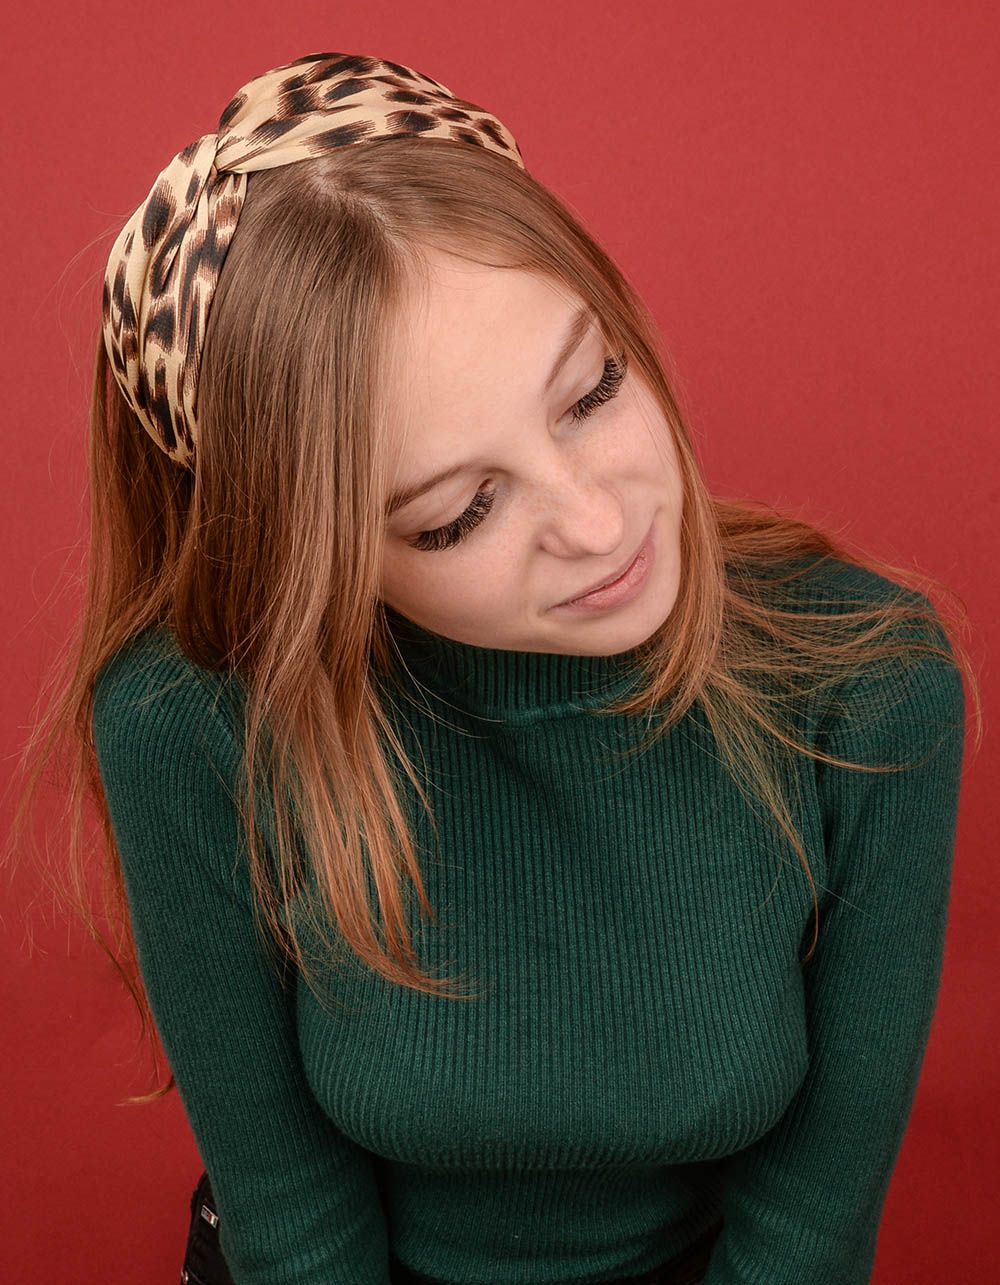 Обідок для волосся з леопардовим принтом | 239723-34-XX